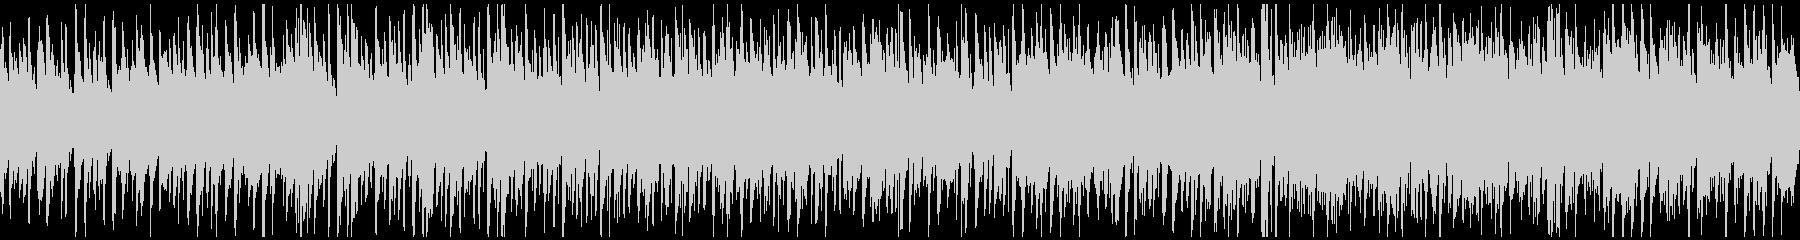 ハッピーなウクレレ曲、ハワイ ※ループ版の未再生の波形